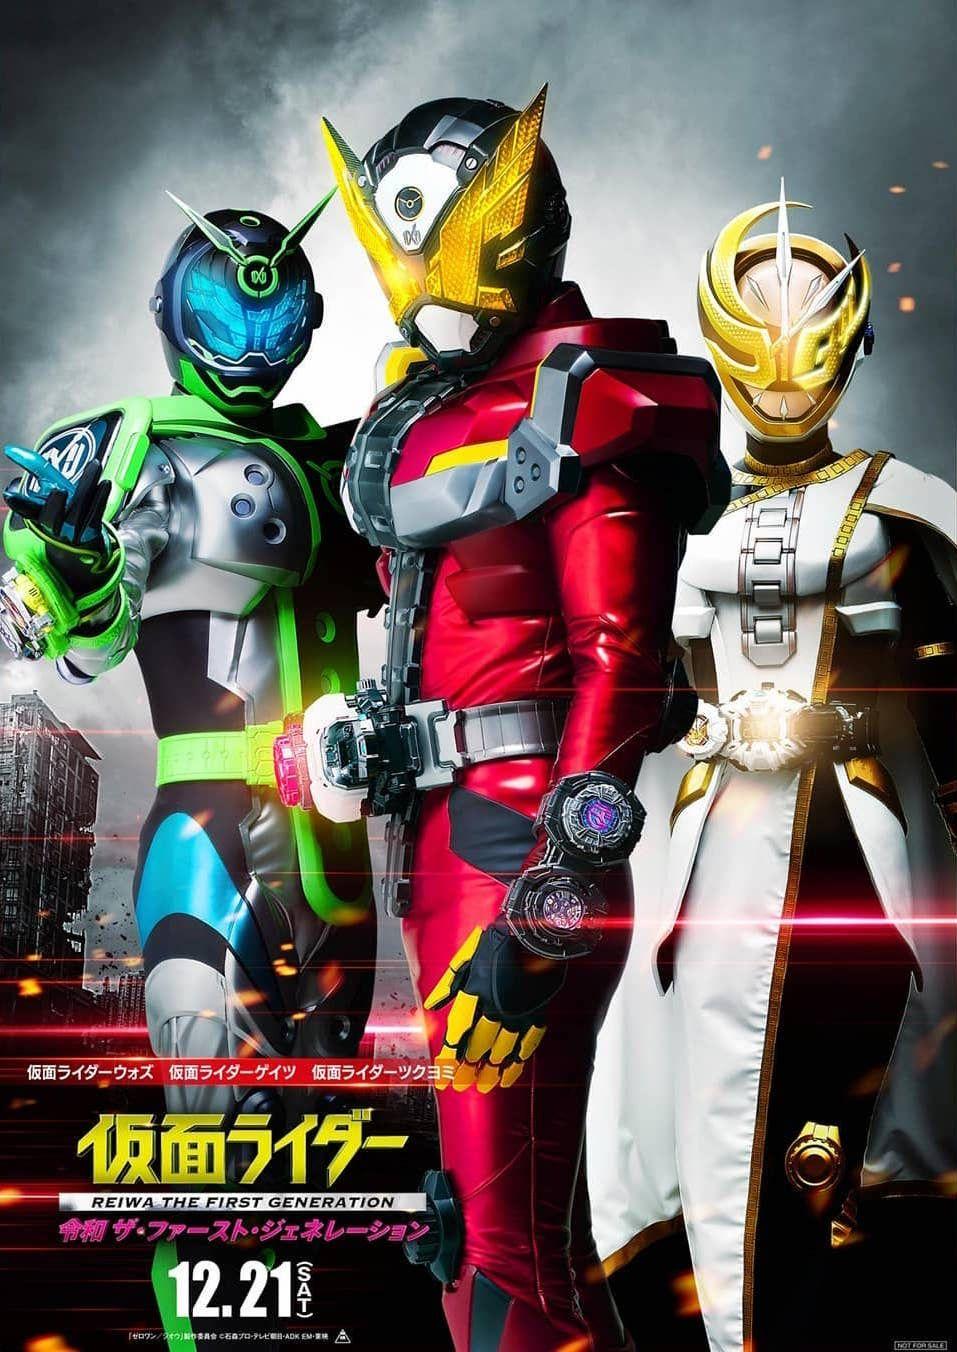 toku satsu おしゃれまとめの人気アイデア pinterest legocraft 仮面ライダー スーパーヒーロー 仮面ライダージオウ